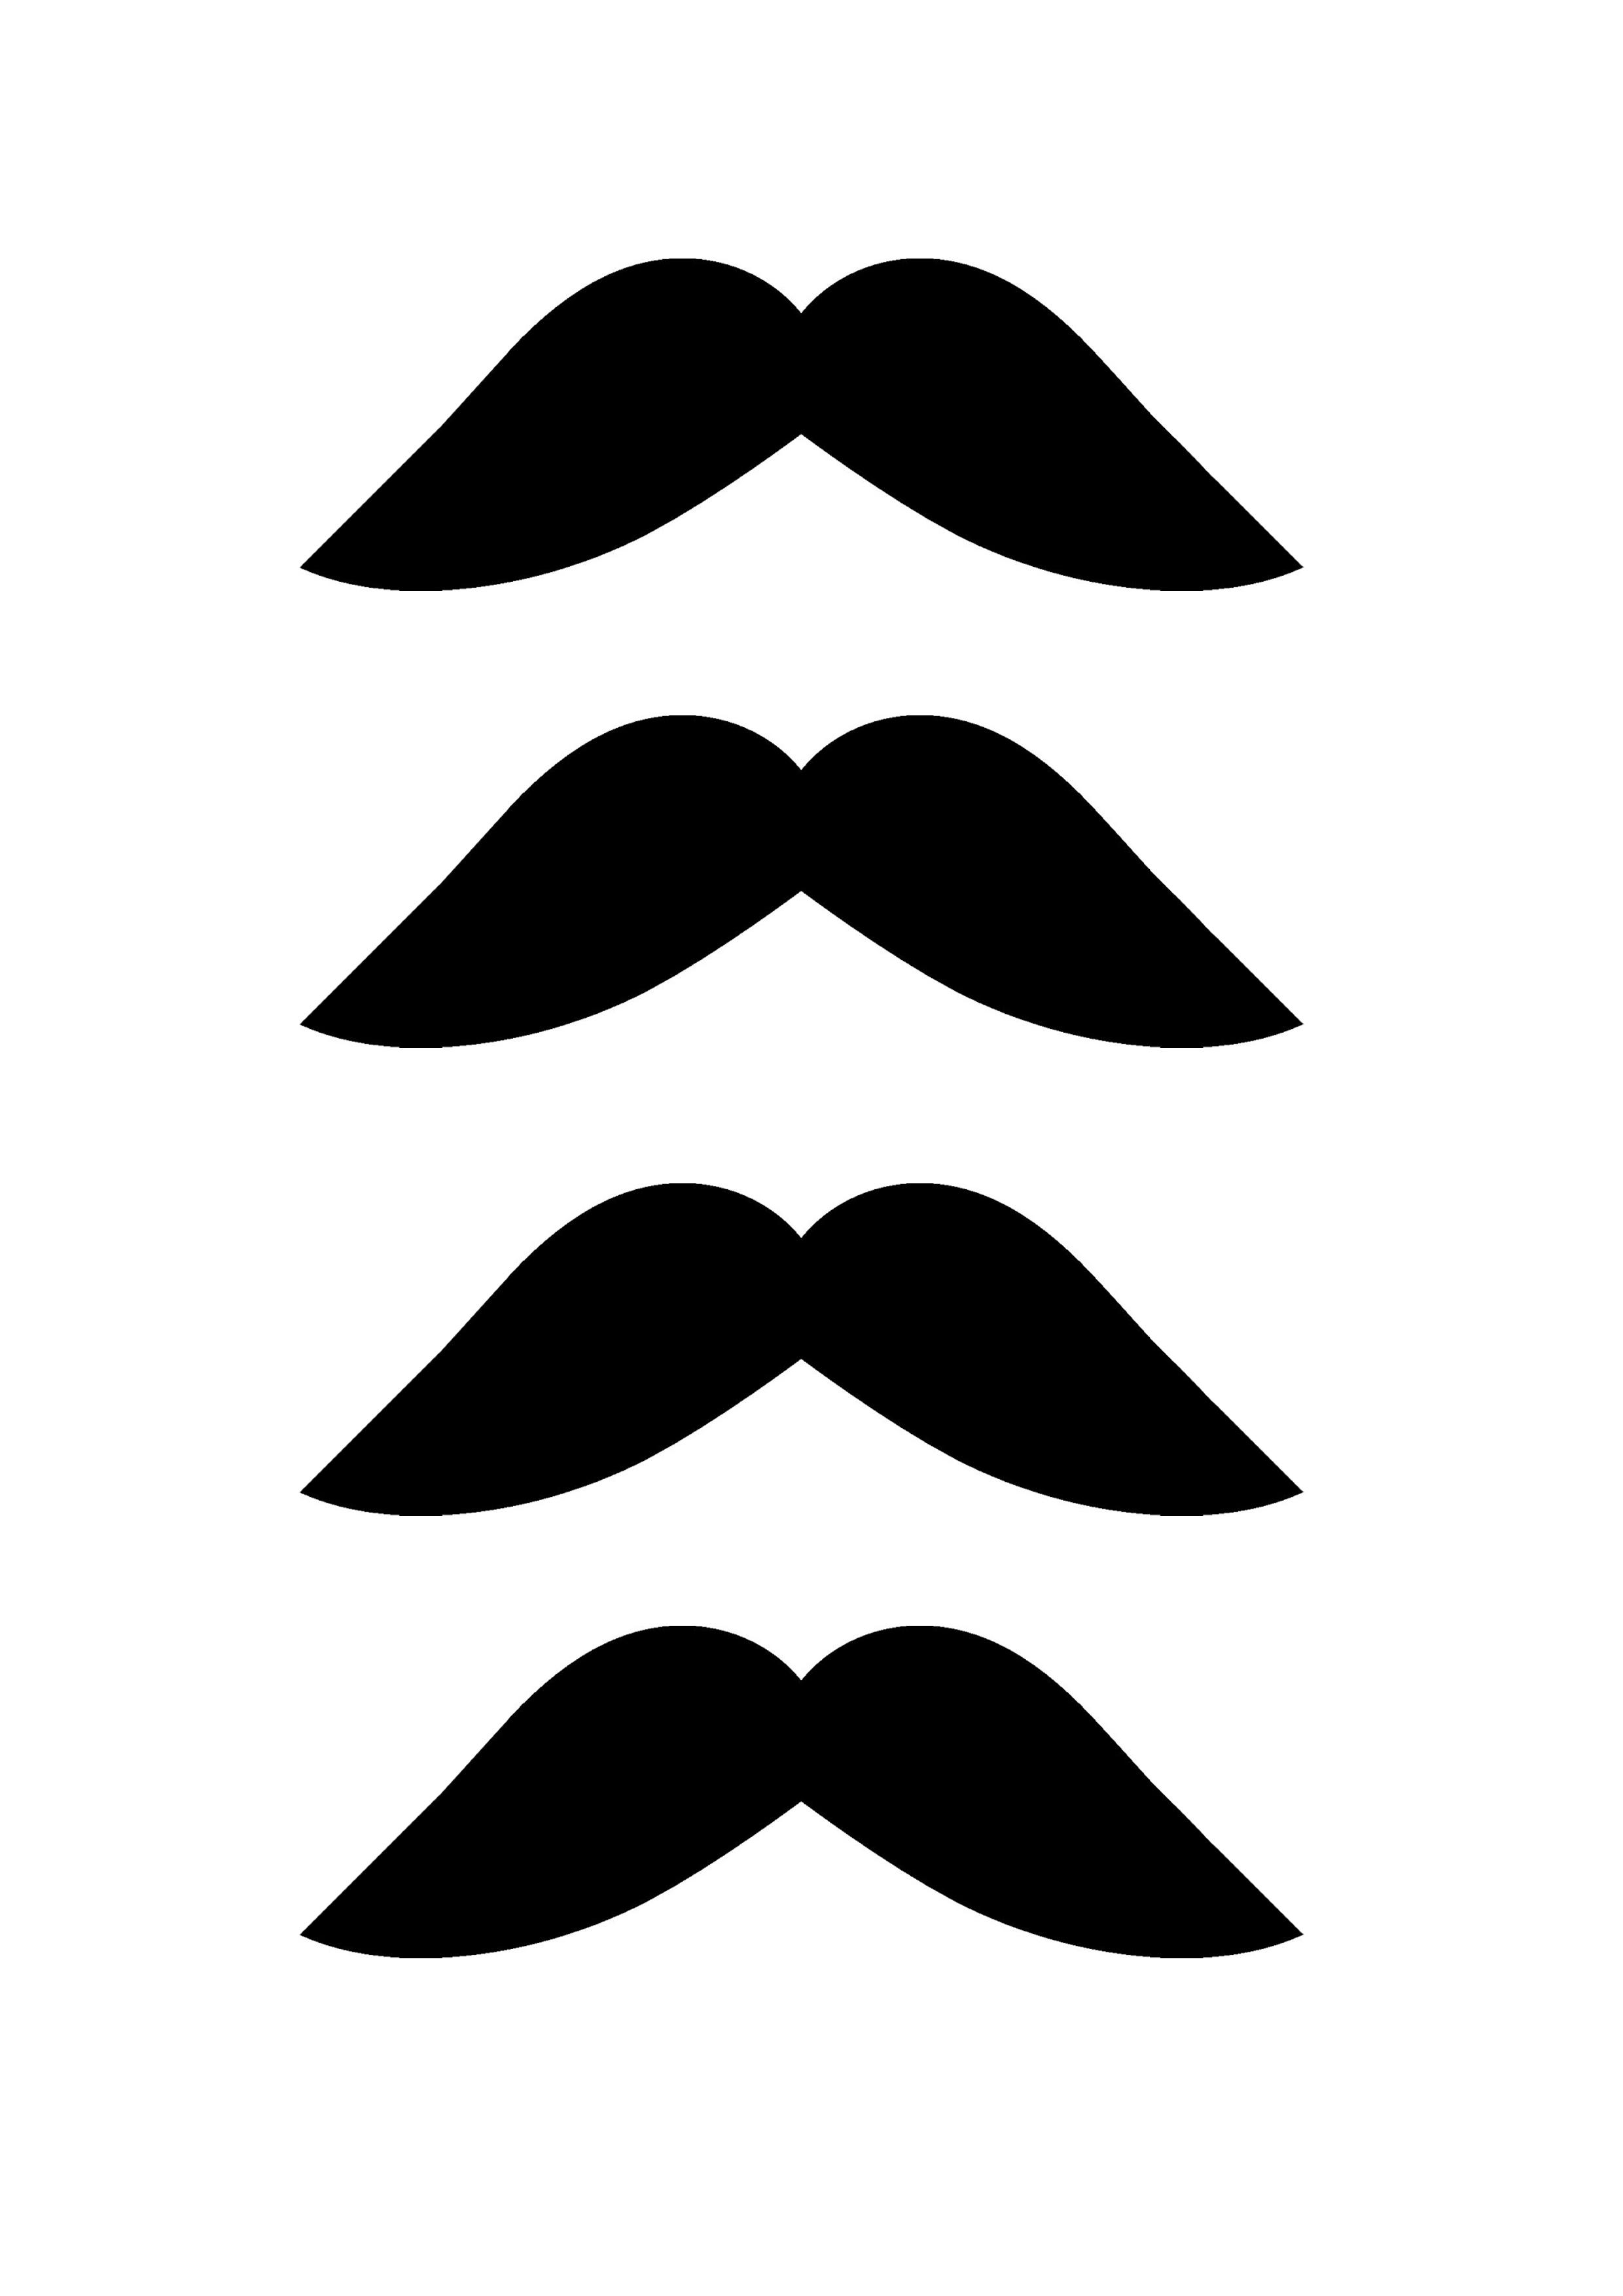 Schnurrbart Trinkspiel | Trinkspiele.info | Trinkspiele für jeden